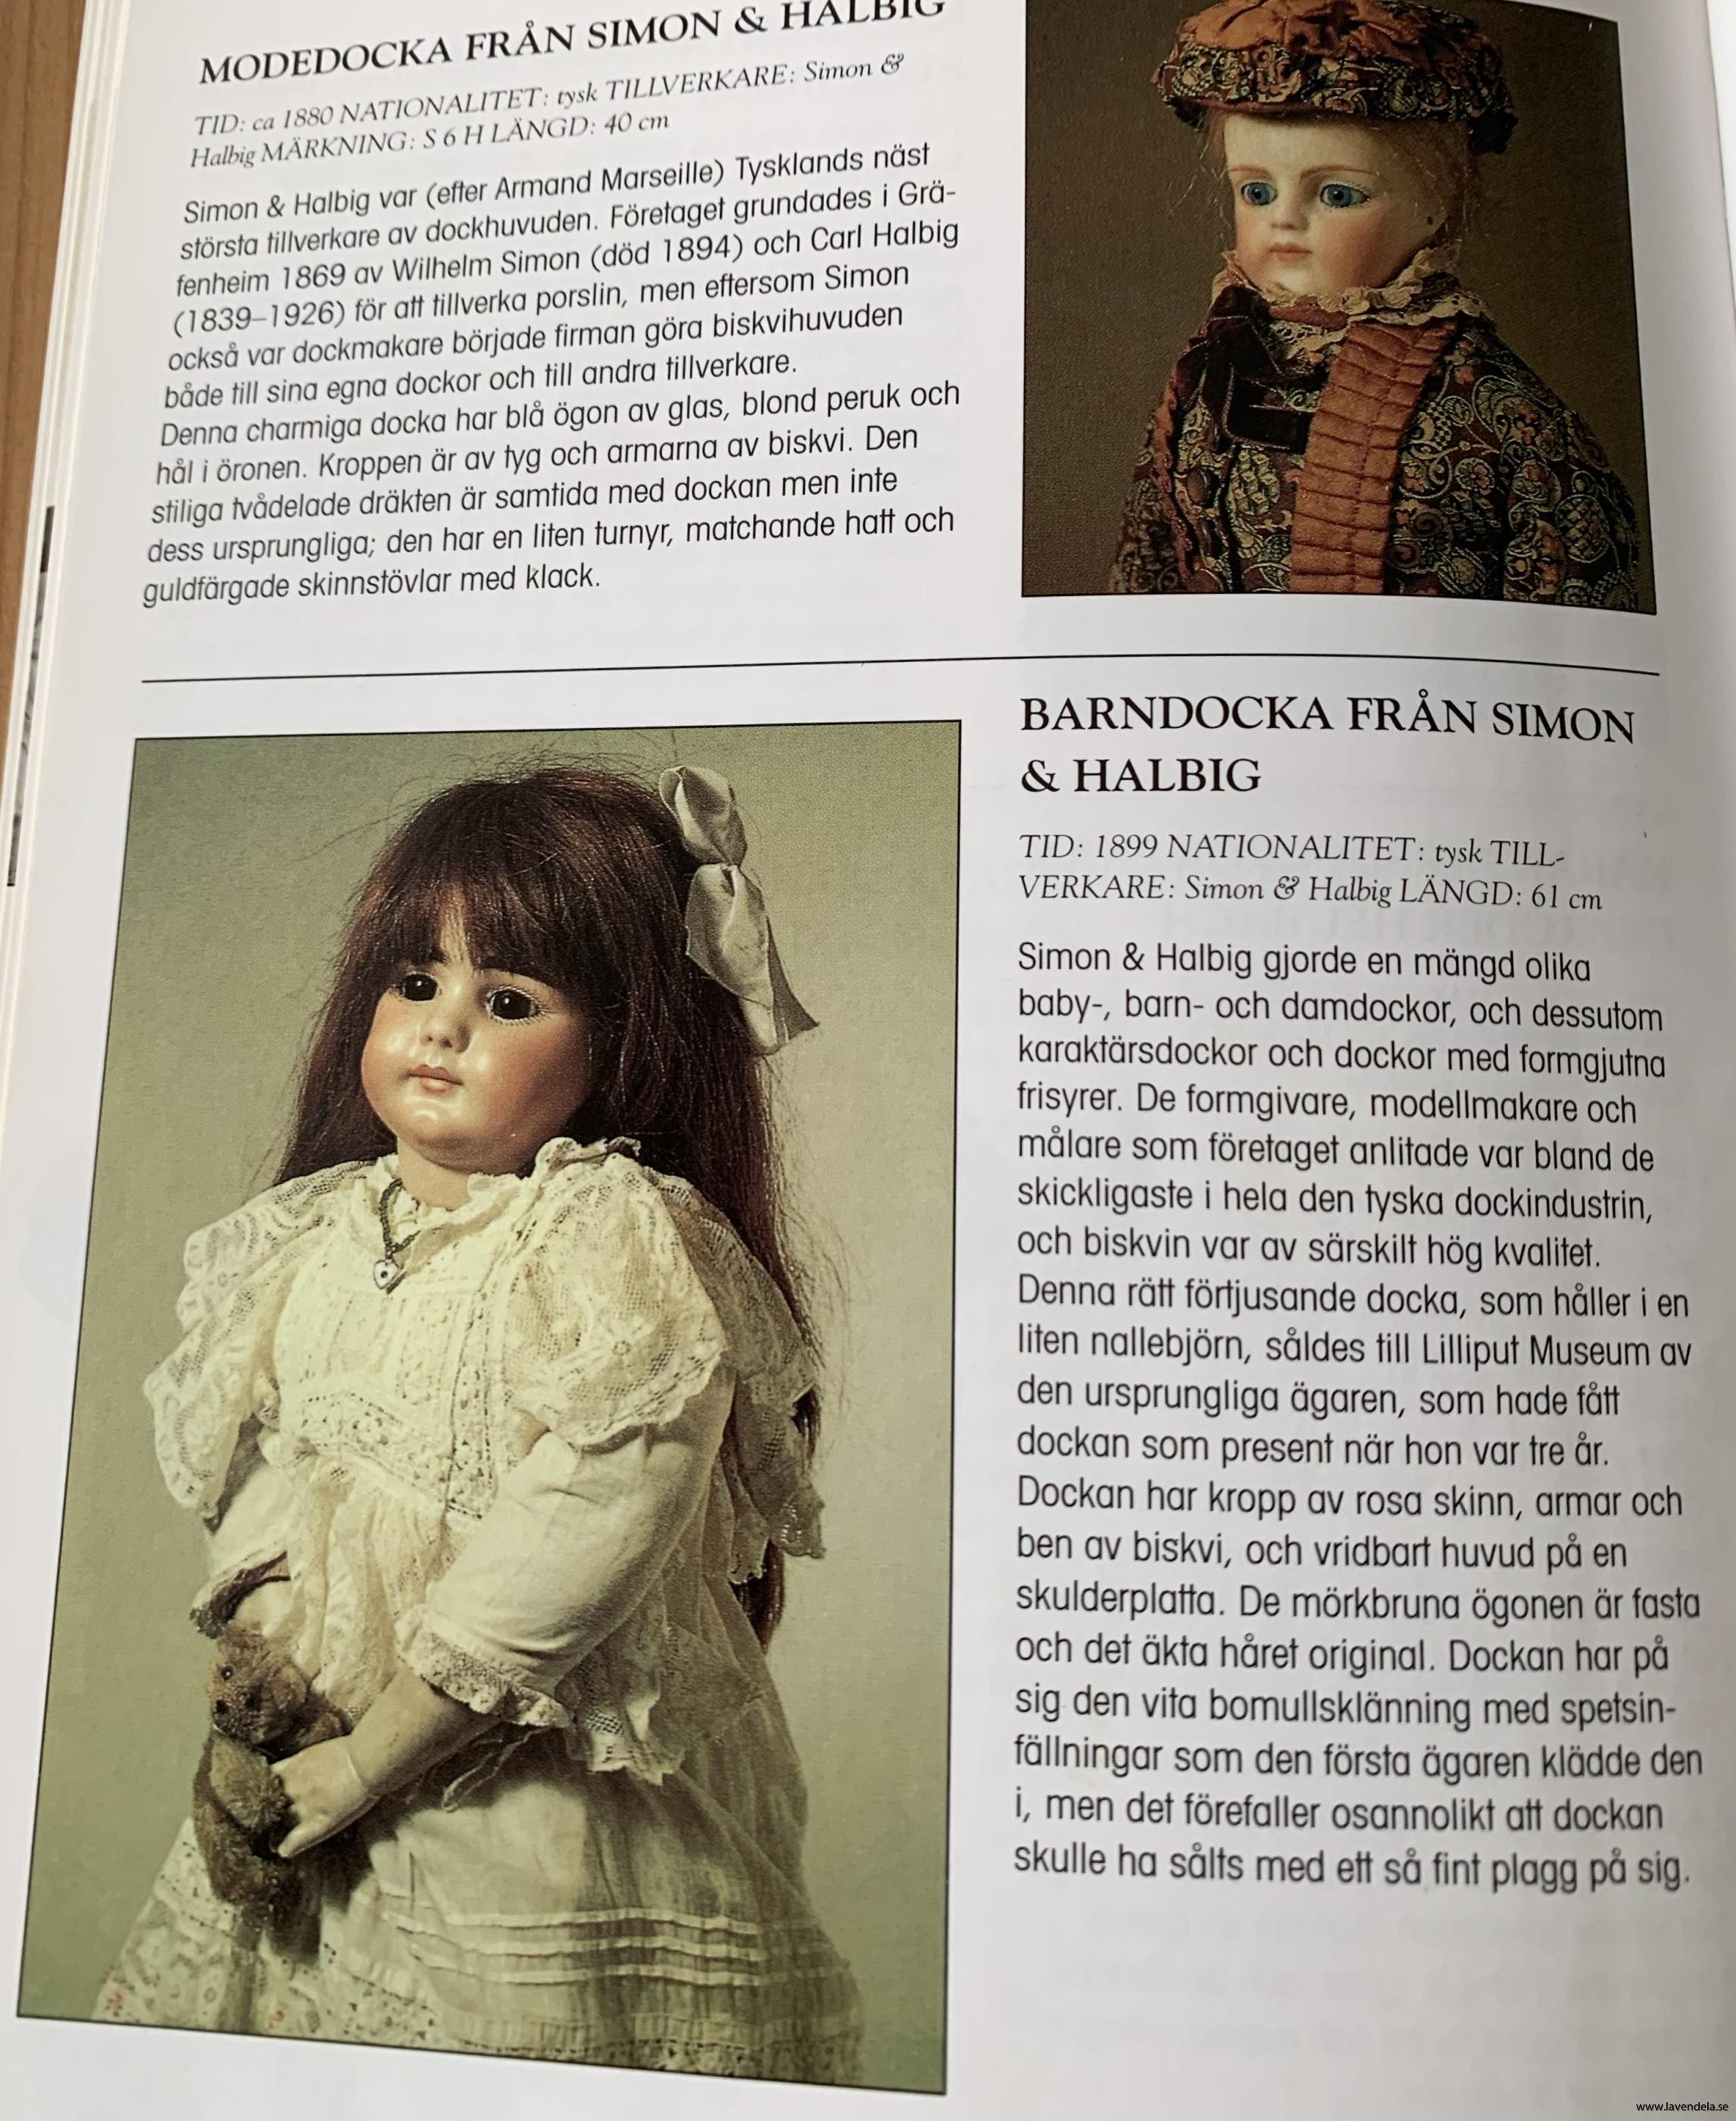 Veta mer om dockor!